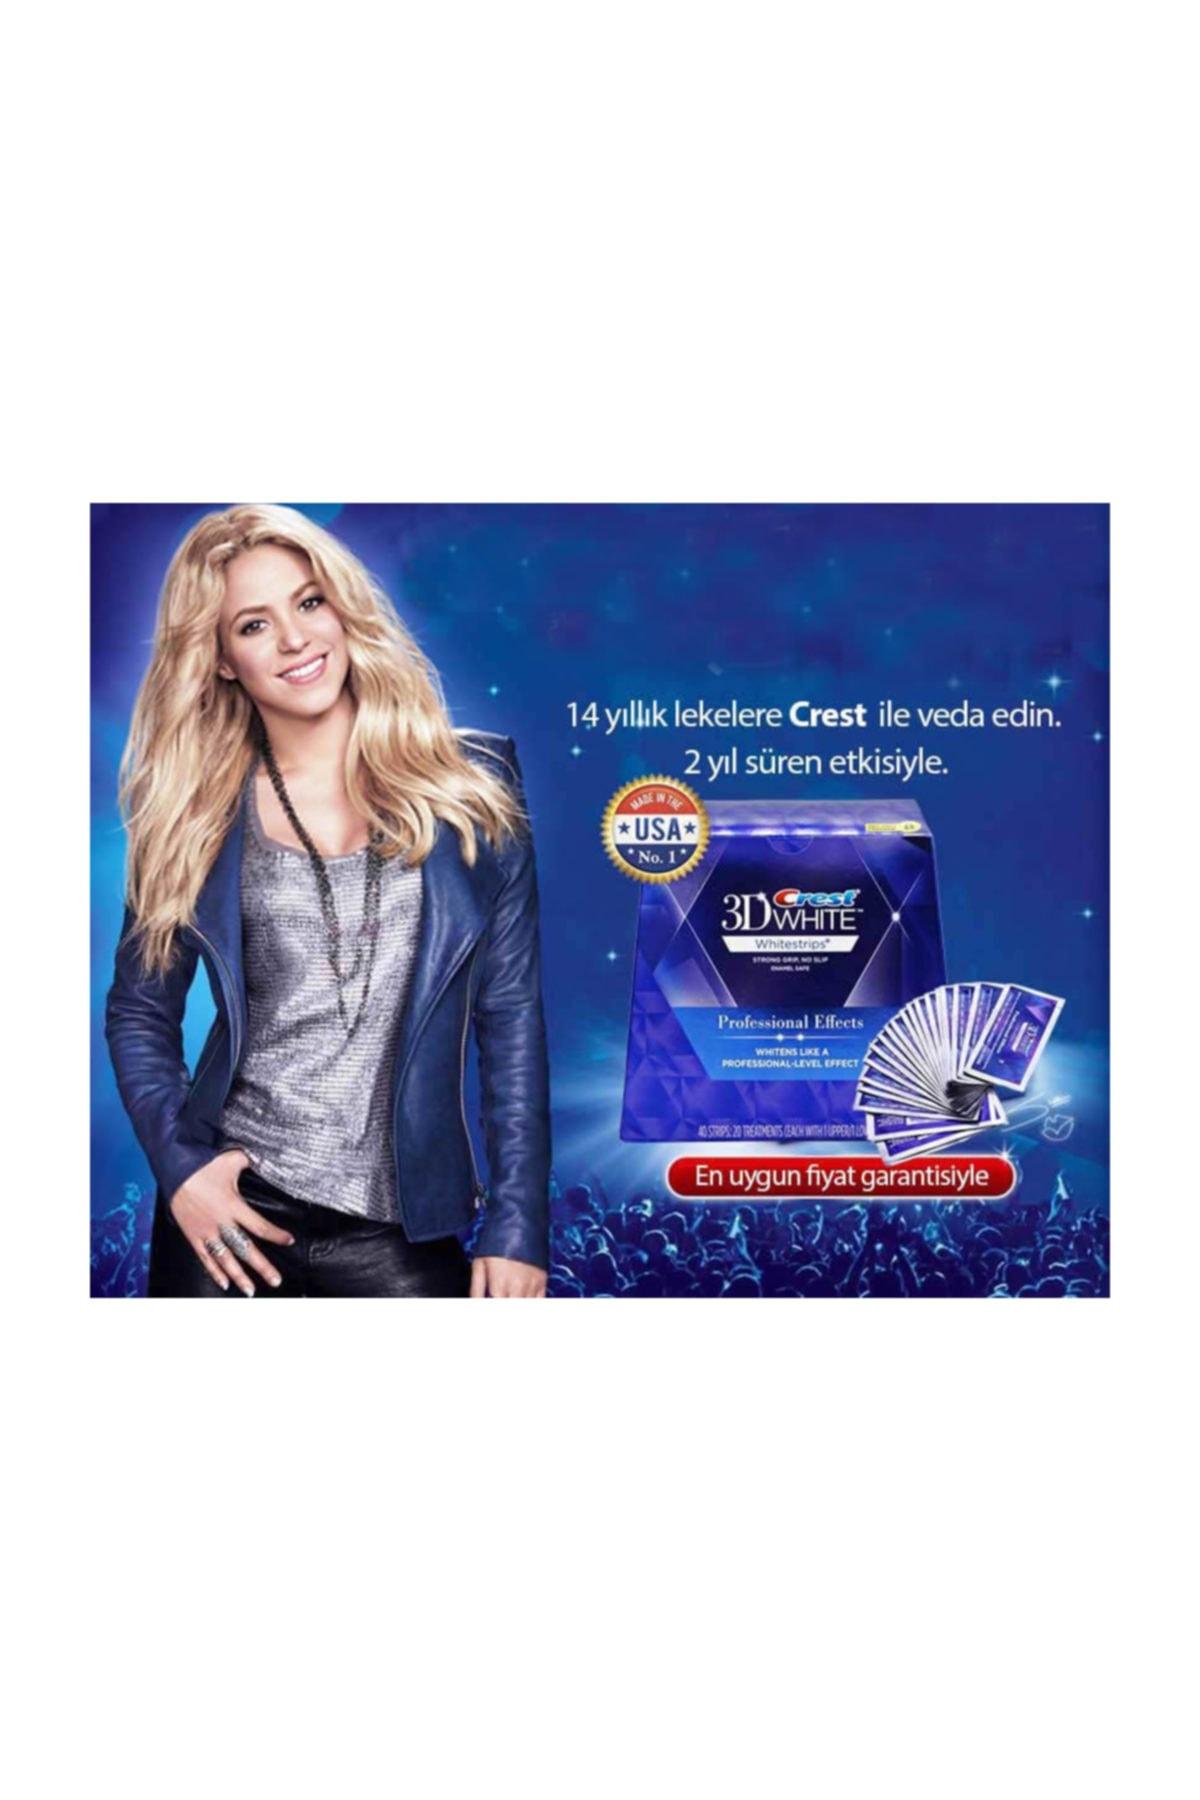 CREST 3d White Professional Effects Diş Beyazlatma Bantları (12 Bant) 2